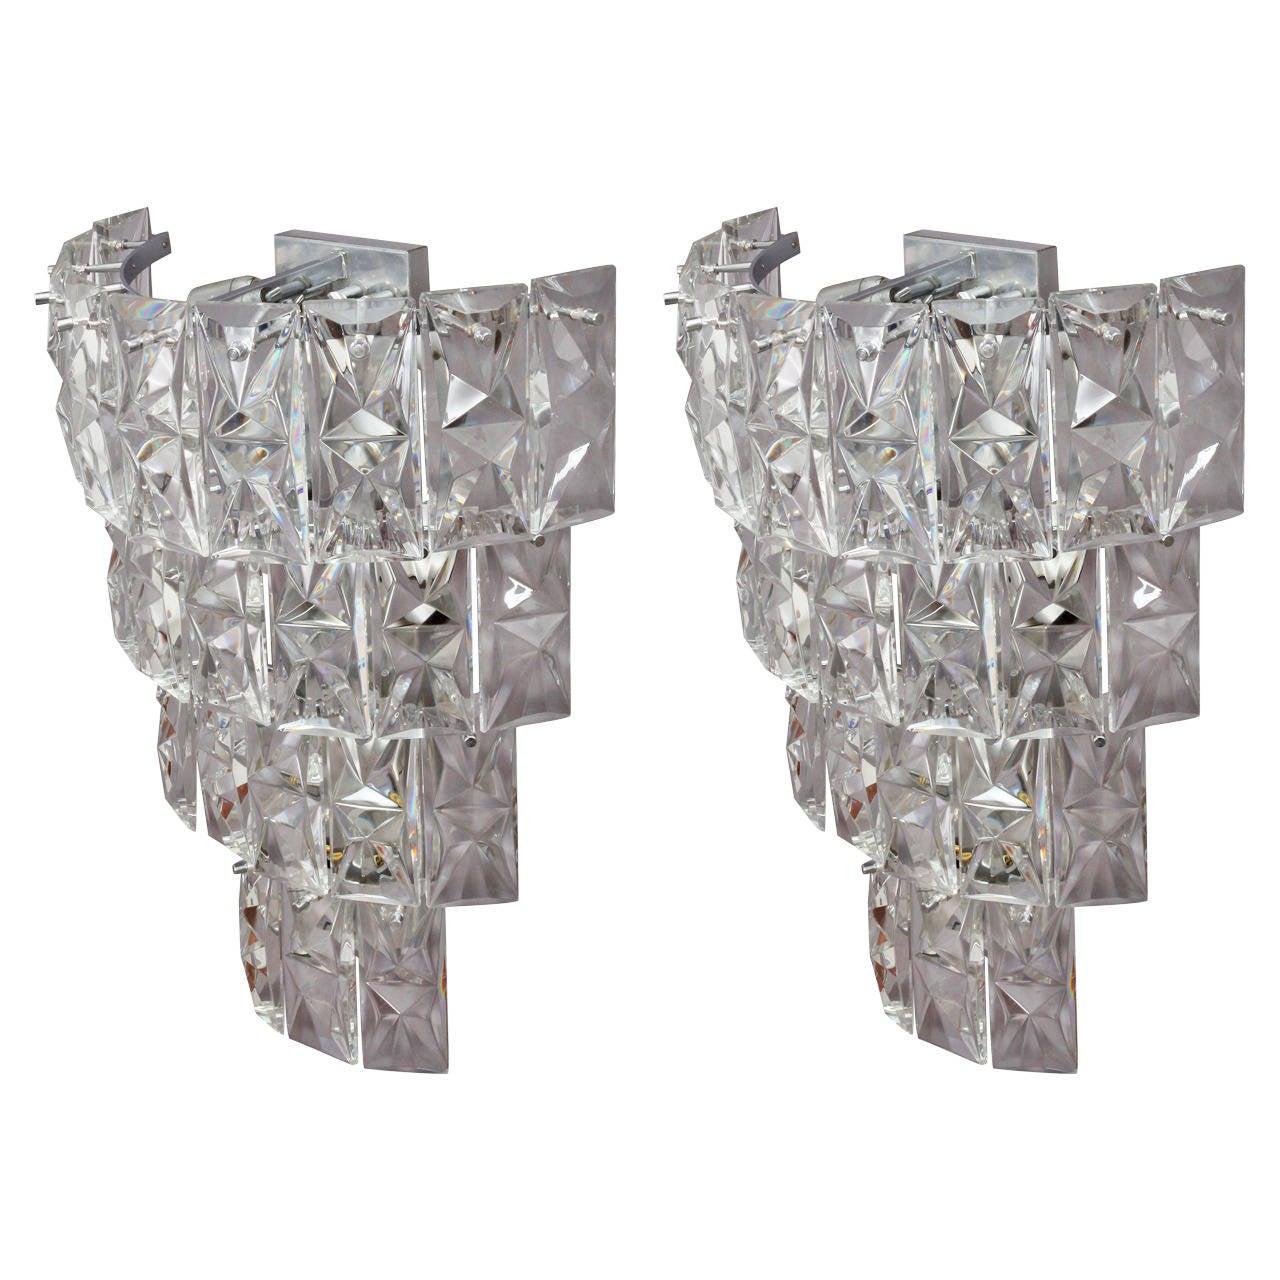 Amazing Pair of Huge Crystal Glass Sconces by Kinkeldey, 1950